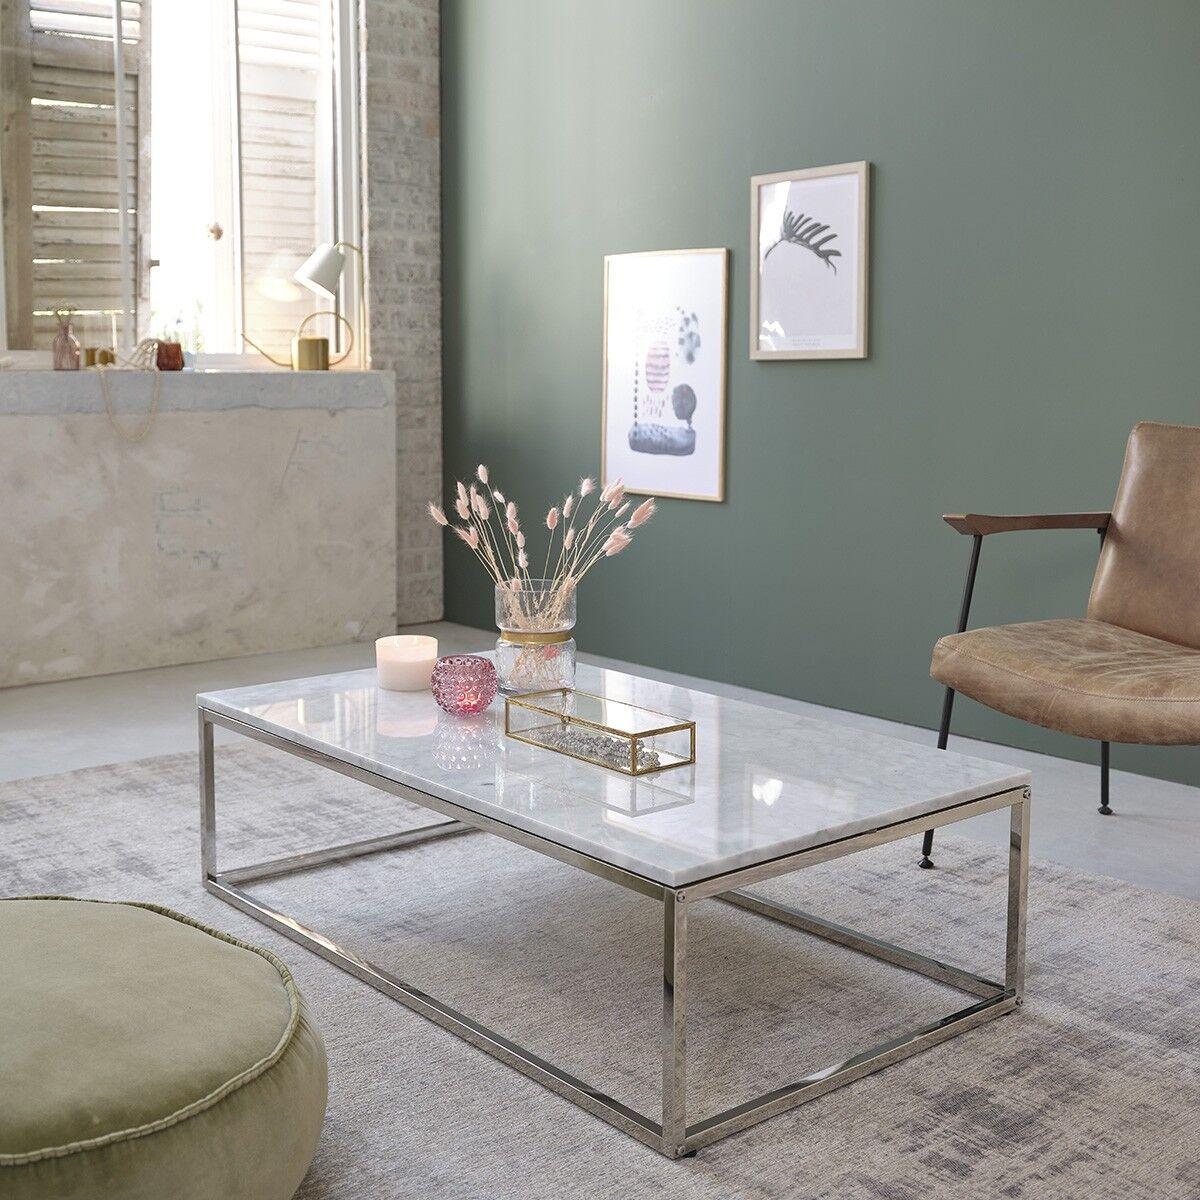 BOIS DESSUS BOIS DESSOUS Table basse rectangulaire en marbre et métal 120 BOIS DESSUS BOIS DESSOUS